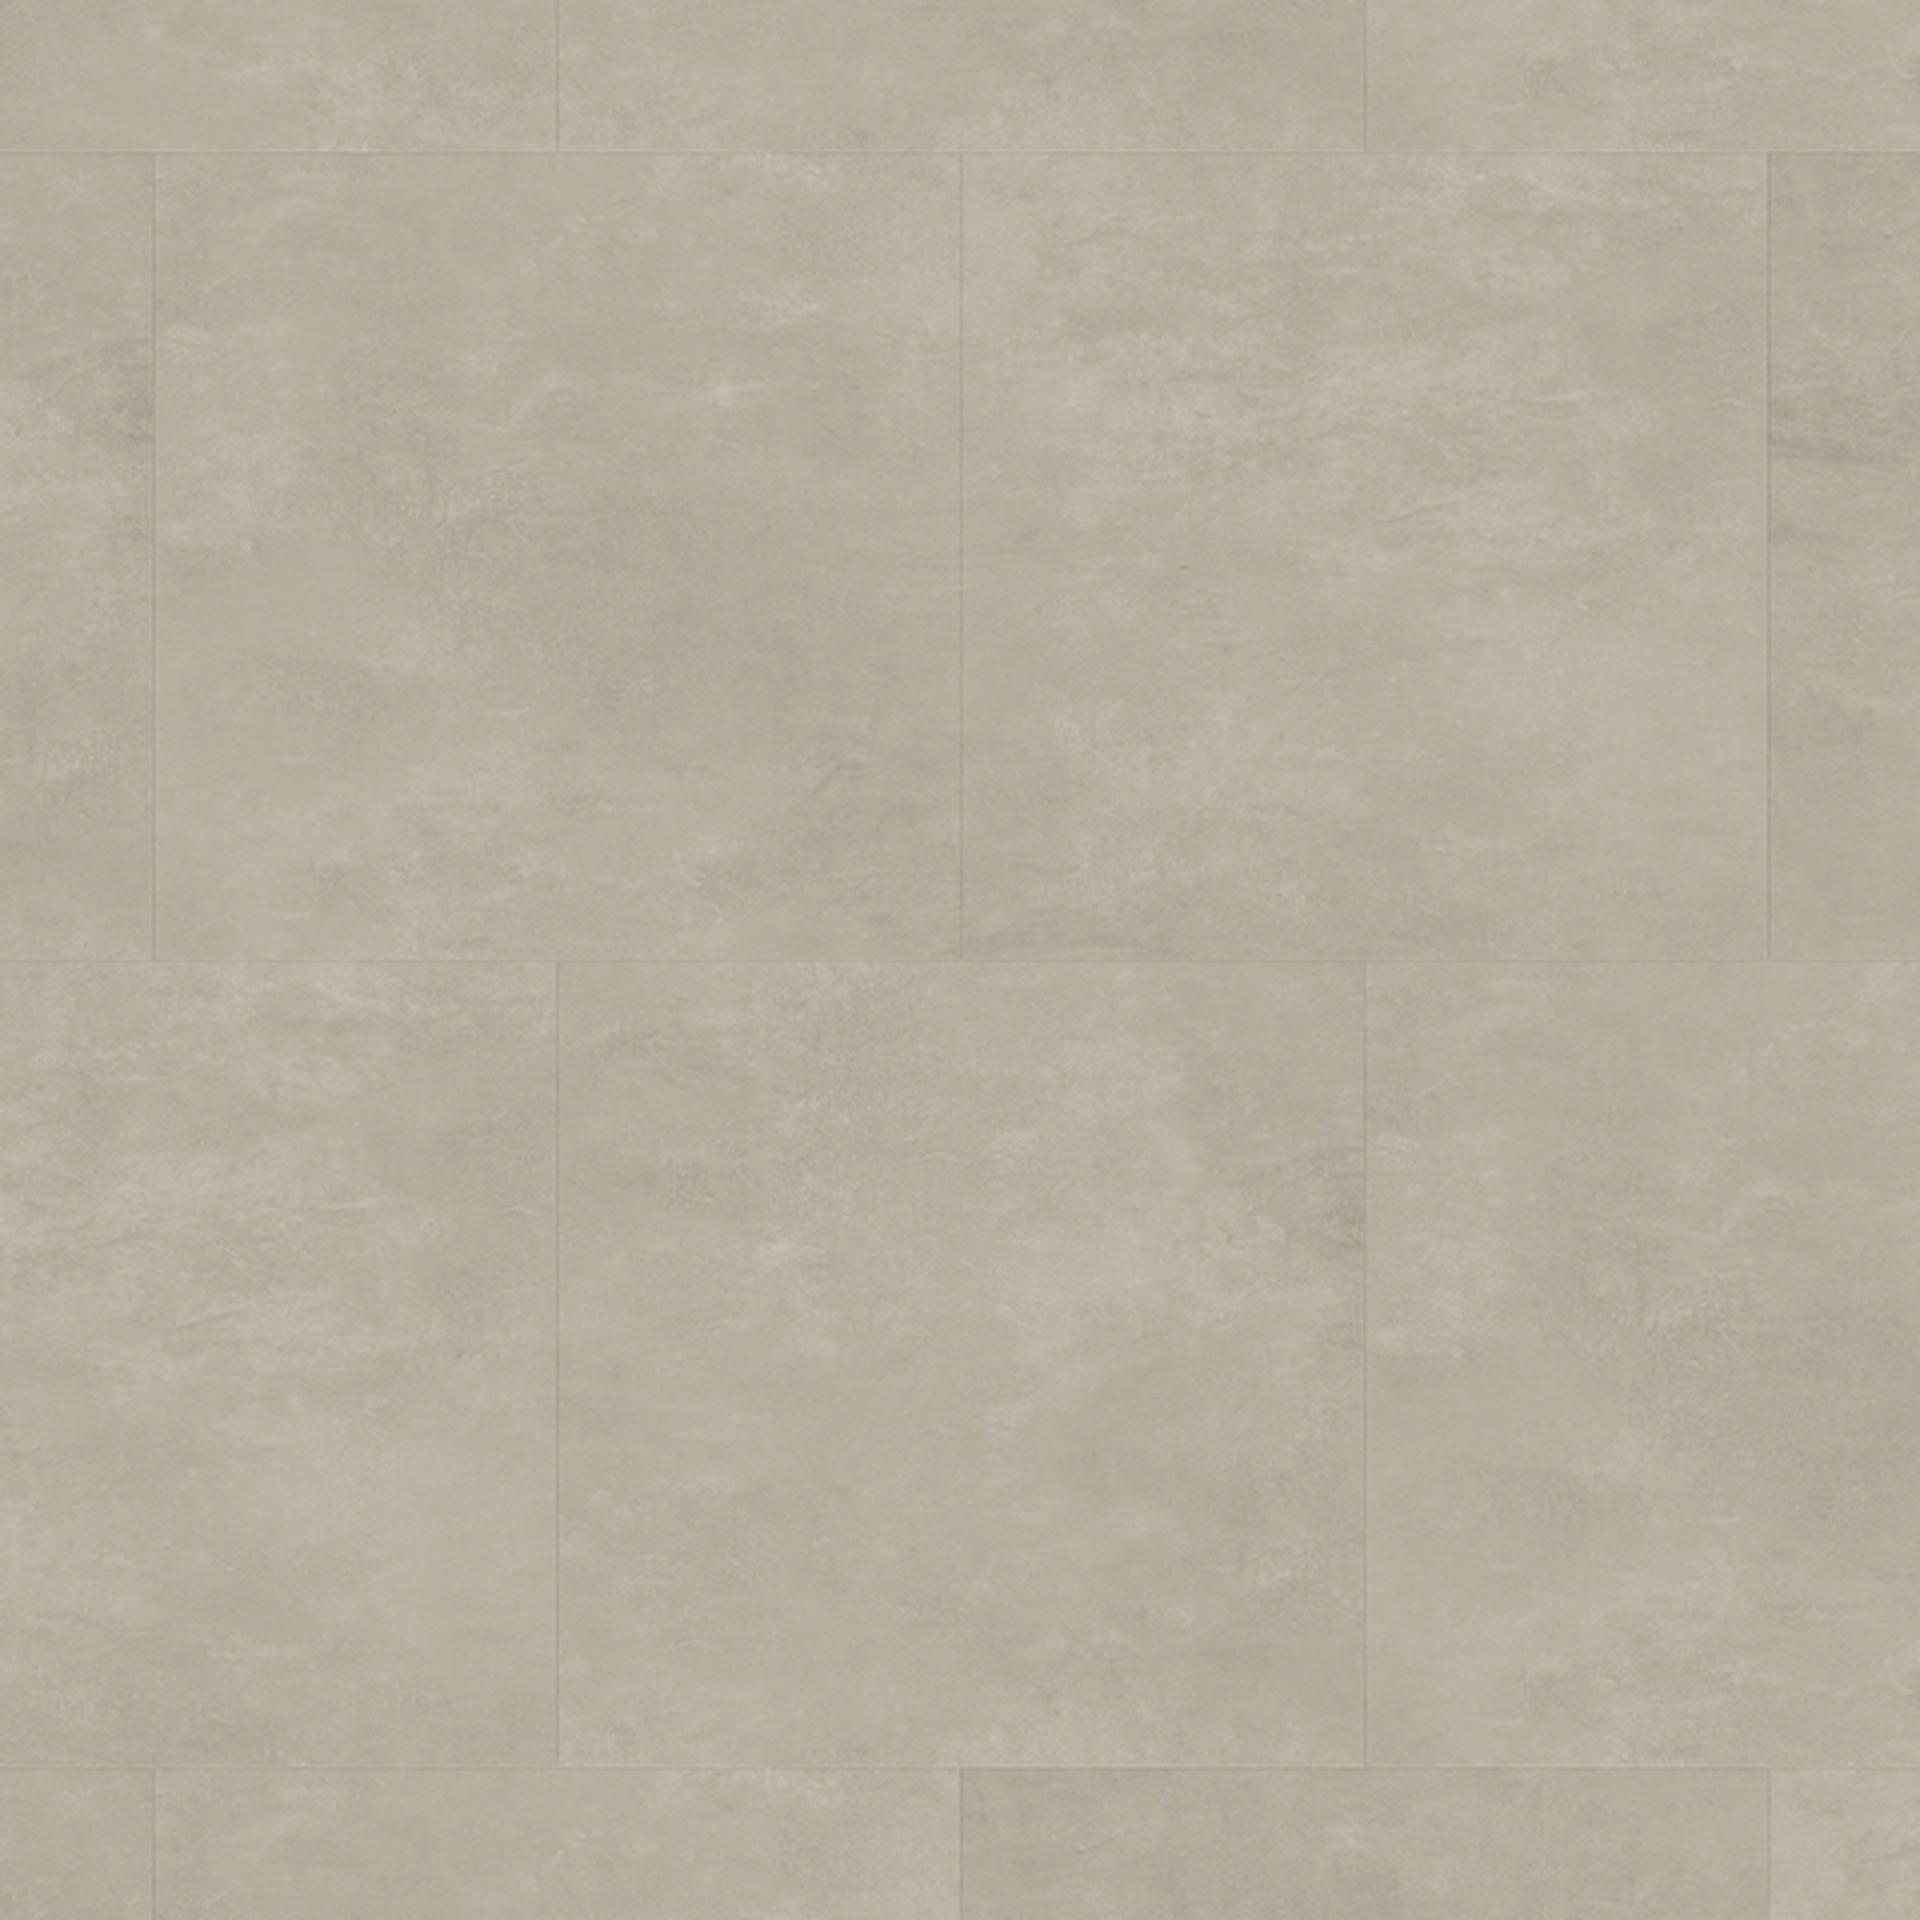 Polished concrete medium grey premium vloeren pvc of vinyl vloeren van een hoge kwaliteit - Vloeren vinyl cement tegel ...